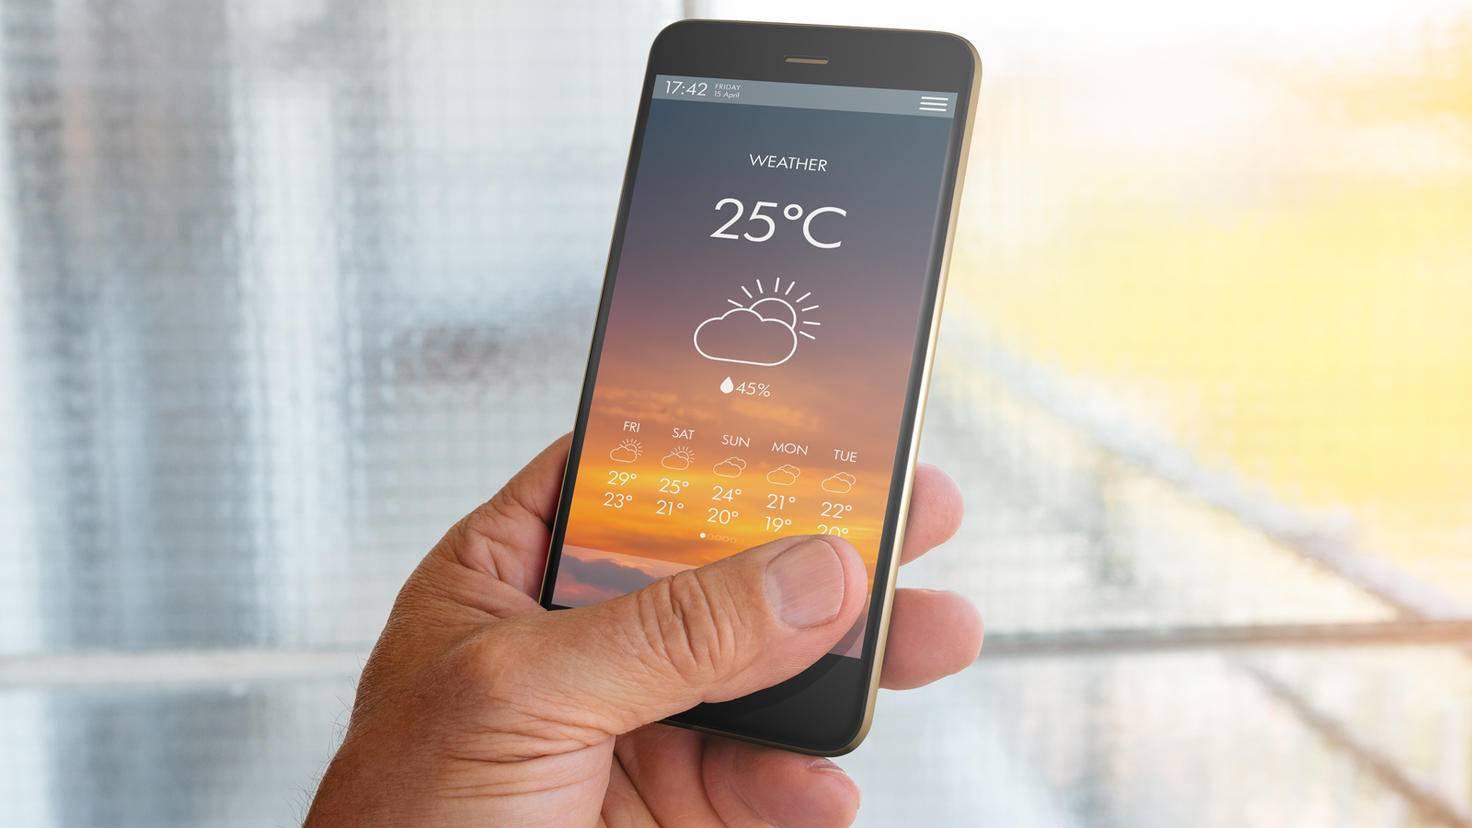 Temperatur mit dem handy messen